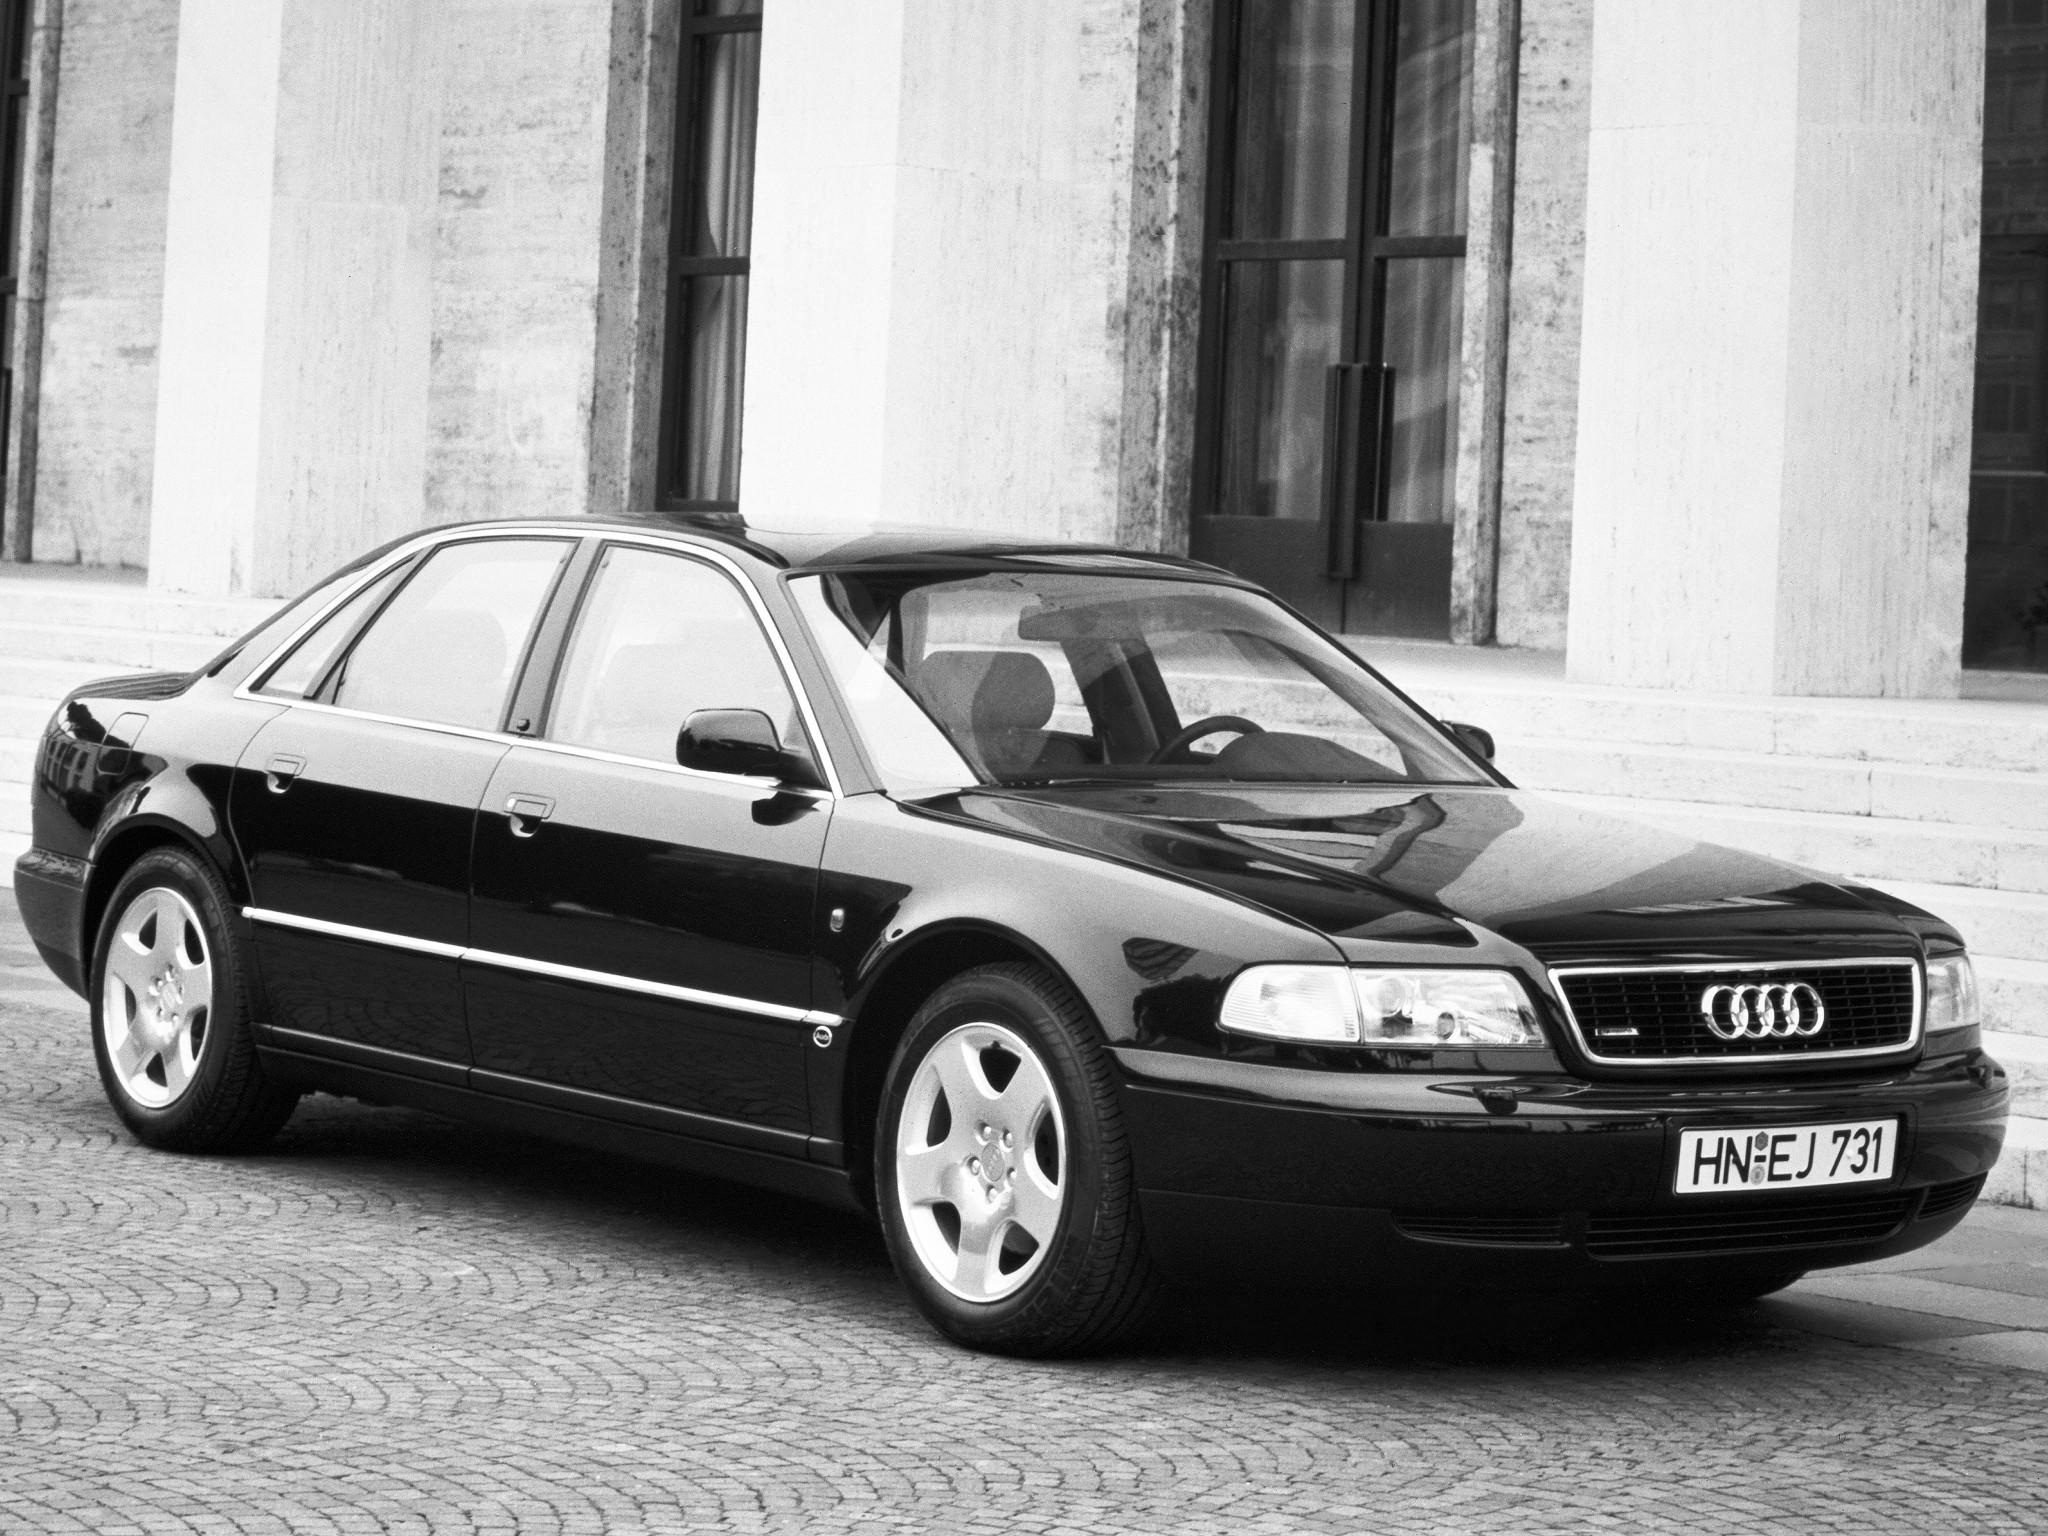 Audi A8 D2 Specs Amp Photos 1994 1995 1996 1997 1998